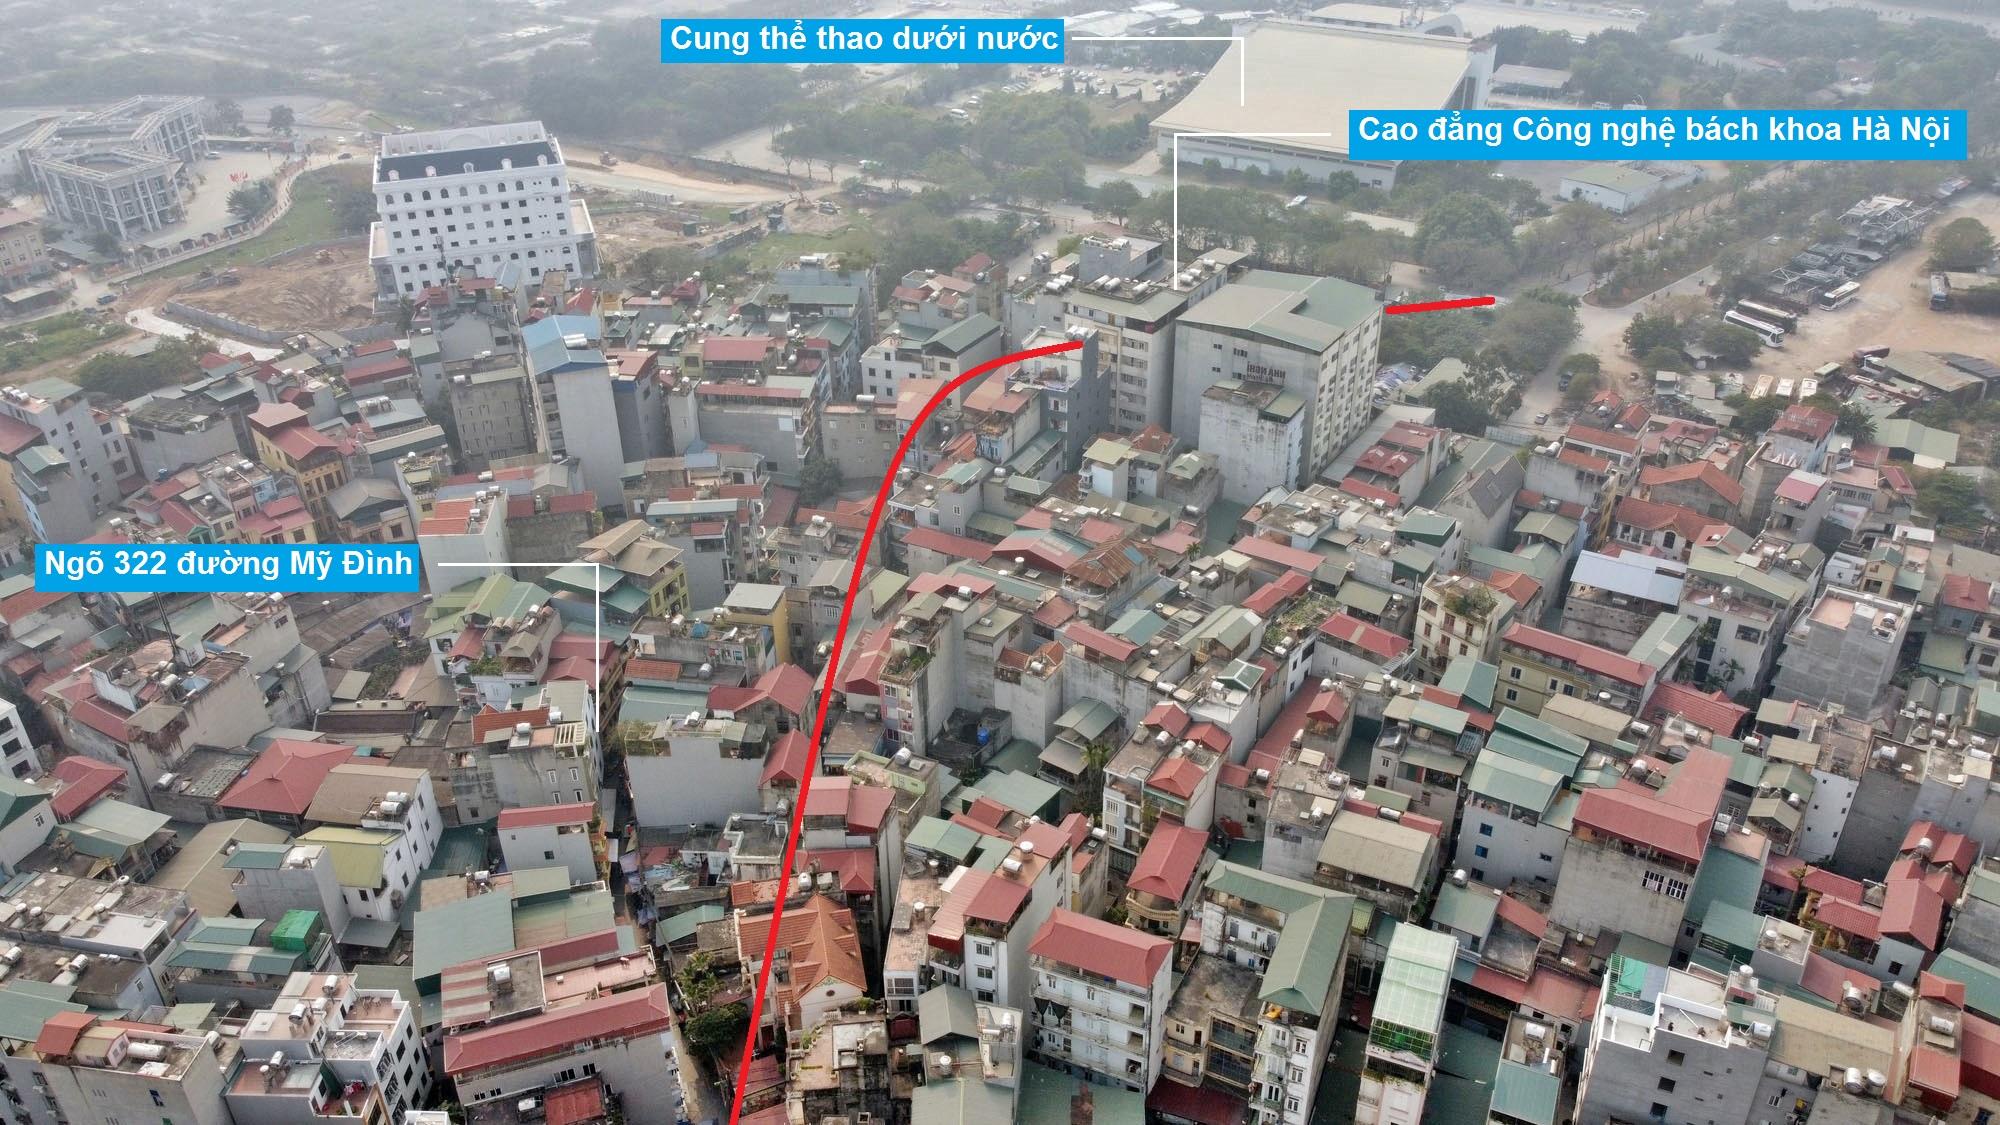 Đường sẽ mở theo qui hoạch ở phường Mỹ Đình 1, Nam Từ Liêm, Hà Nội (phần 2) - Ảnh 3.